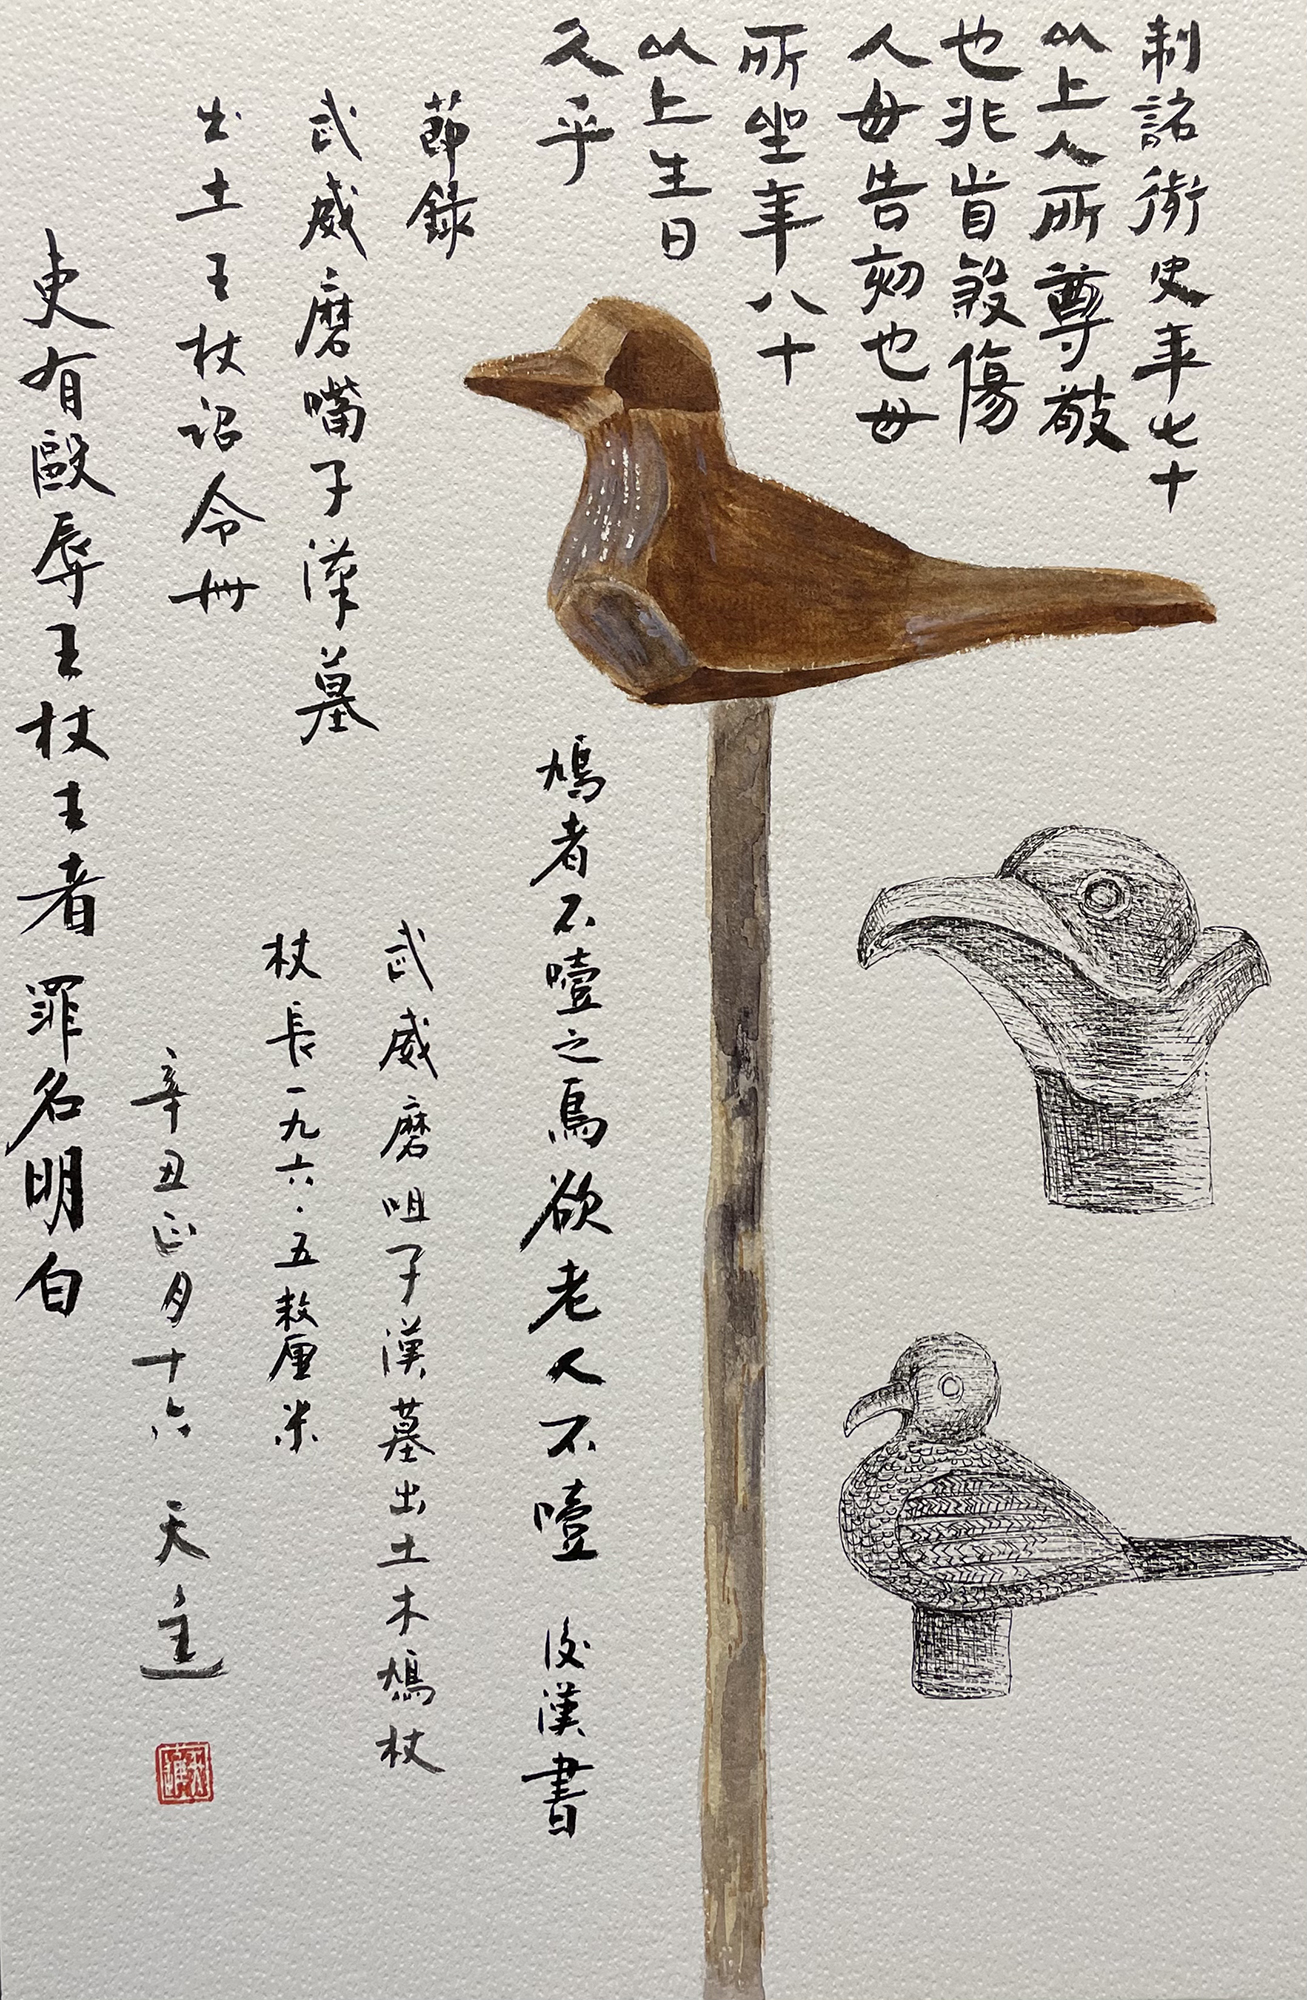 橅漢代木鳩杖